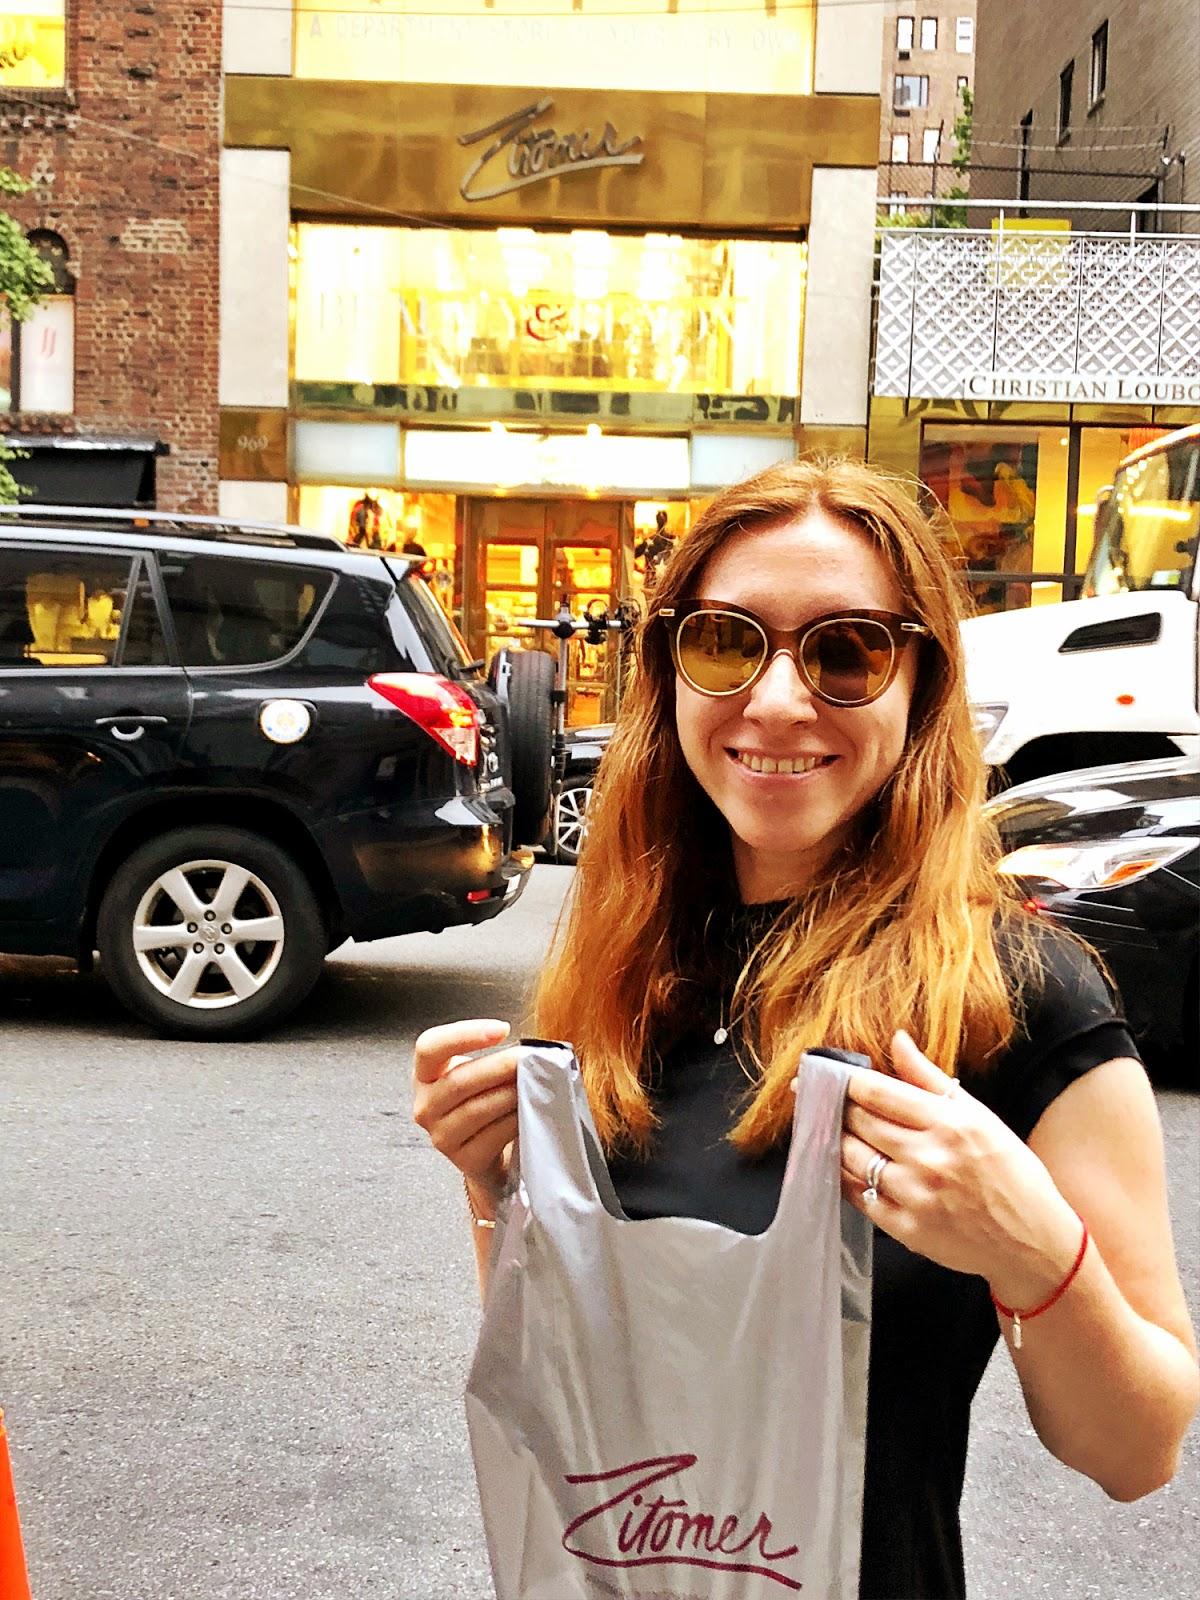 Магазин Zitomer на Медисон-Авеню в Нью-Йорке.